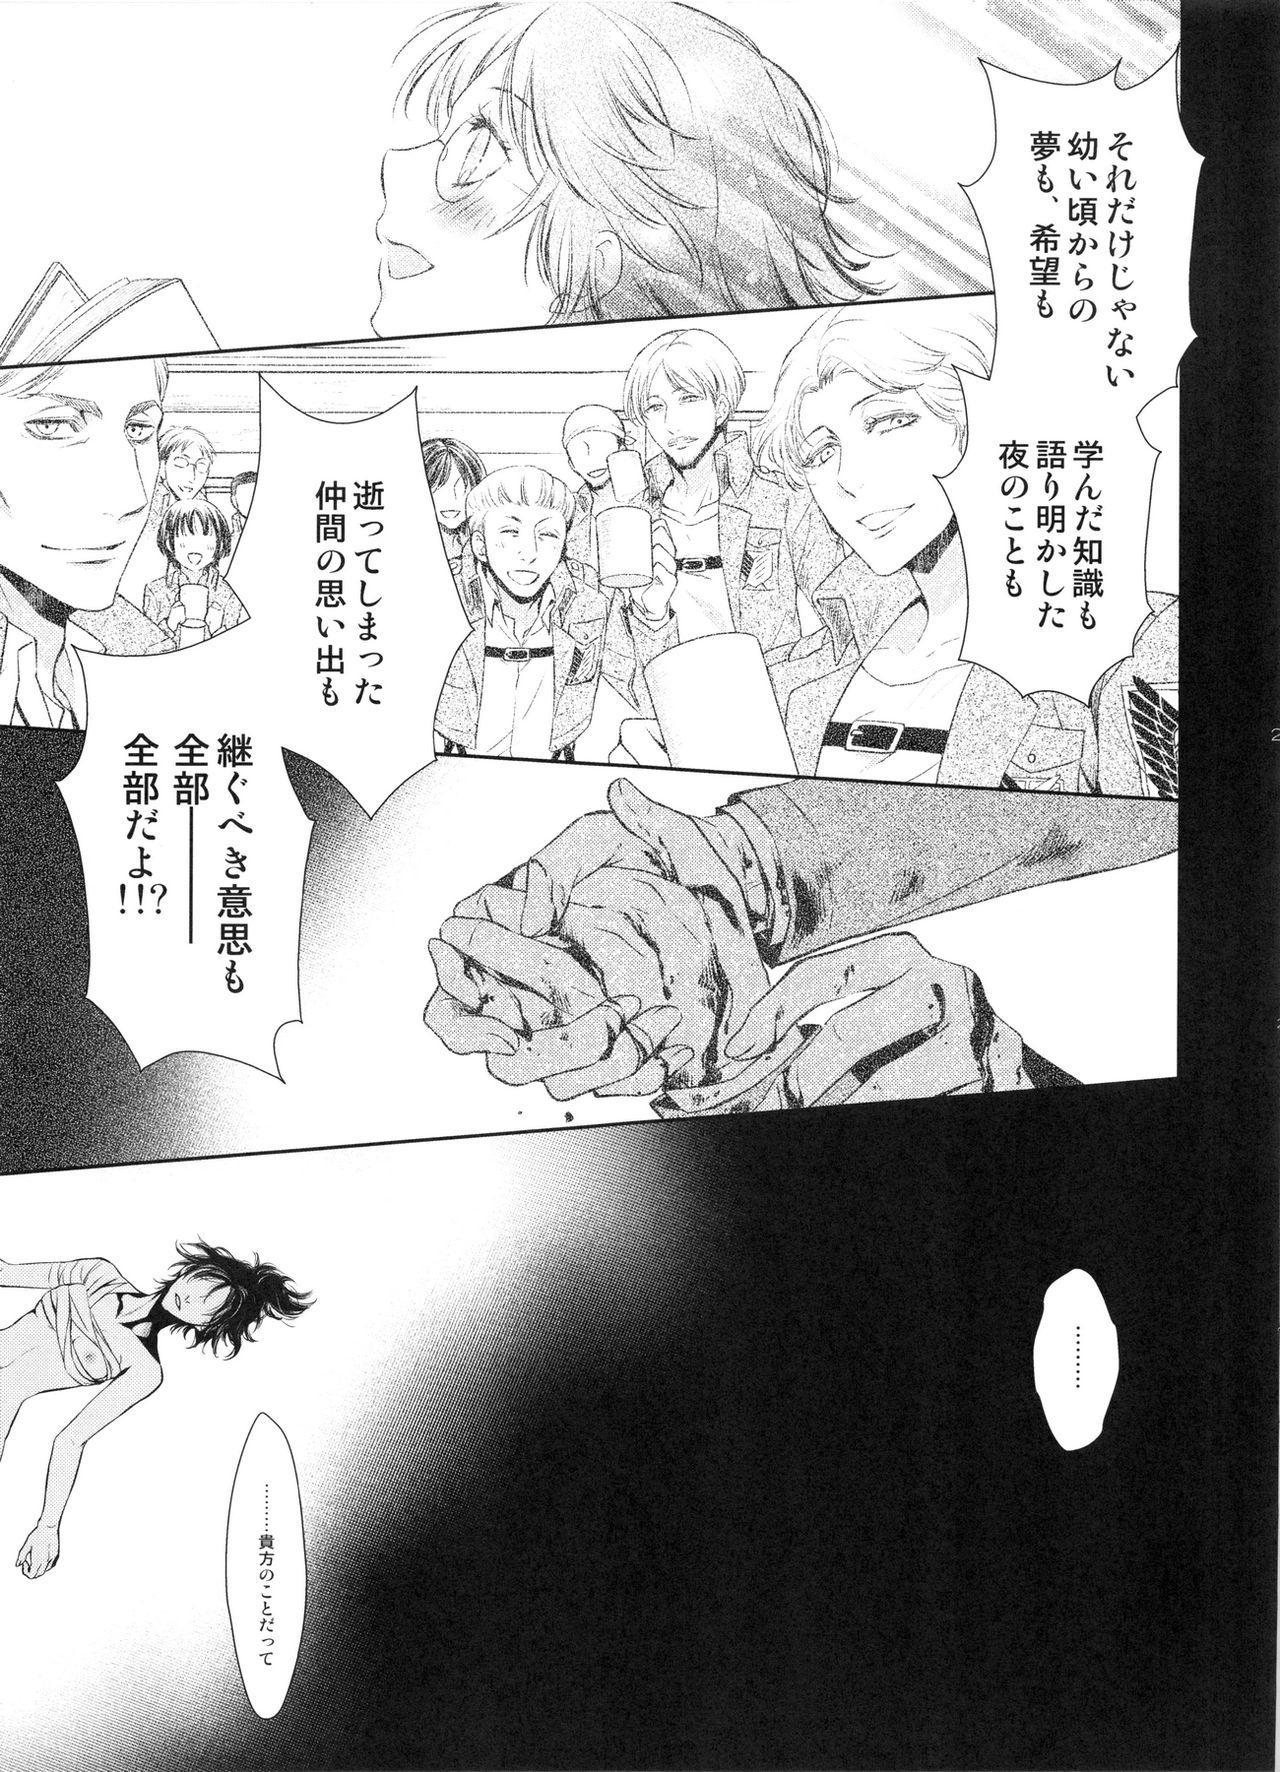 Meguri Meguri Soshite Mata Hana wa Saku 26